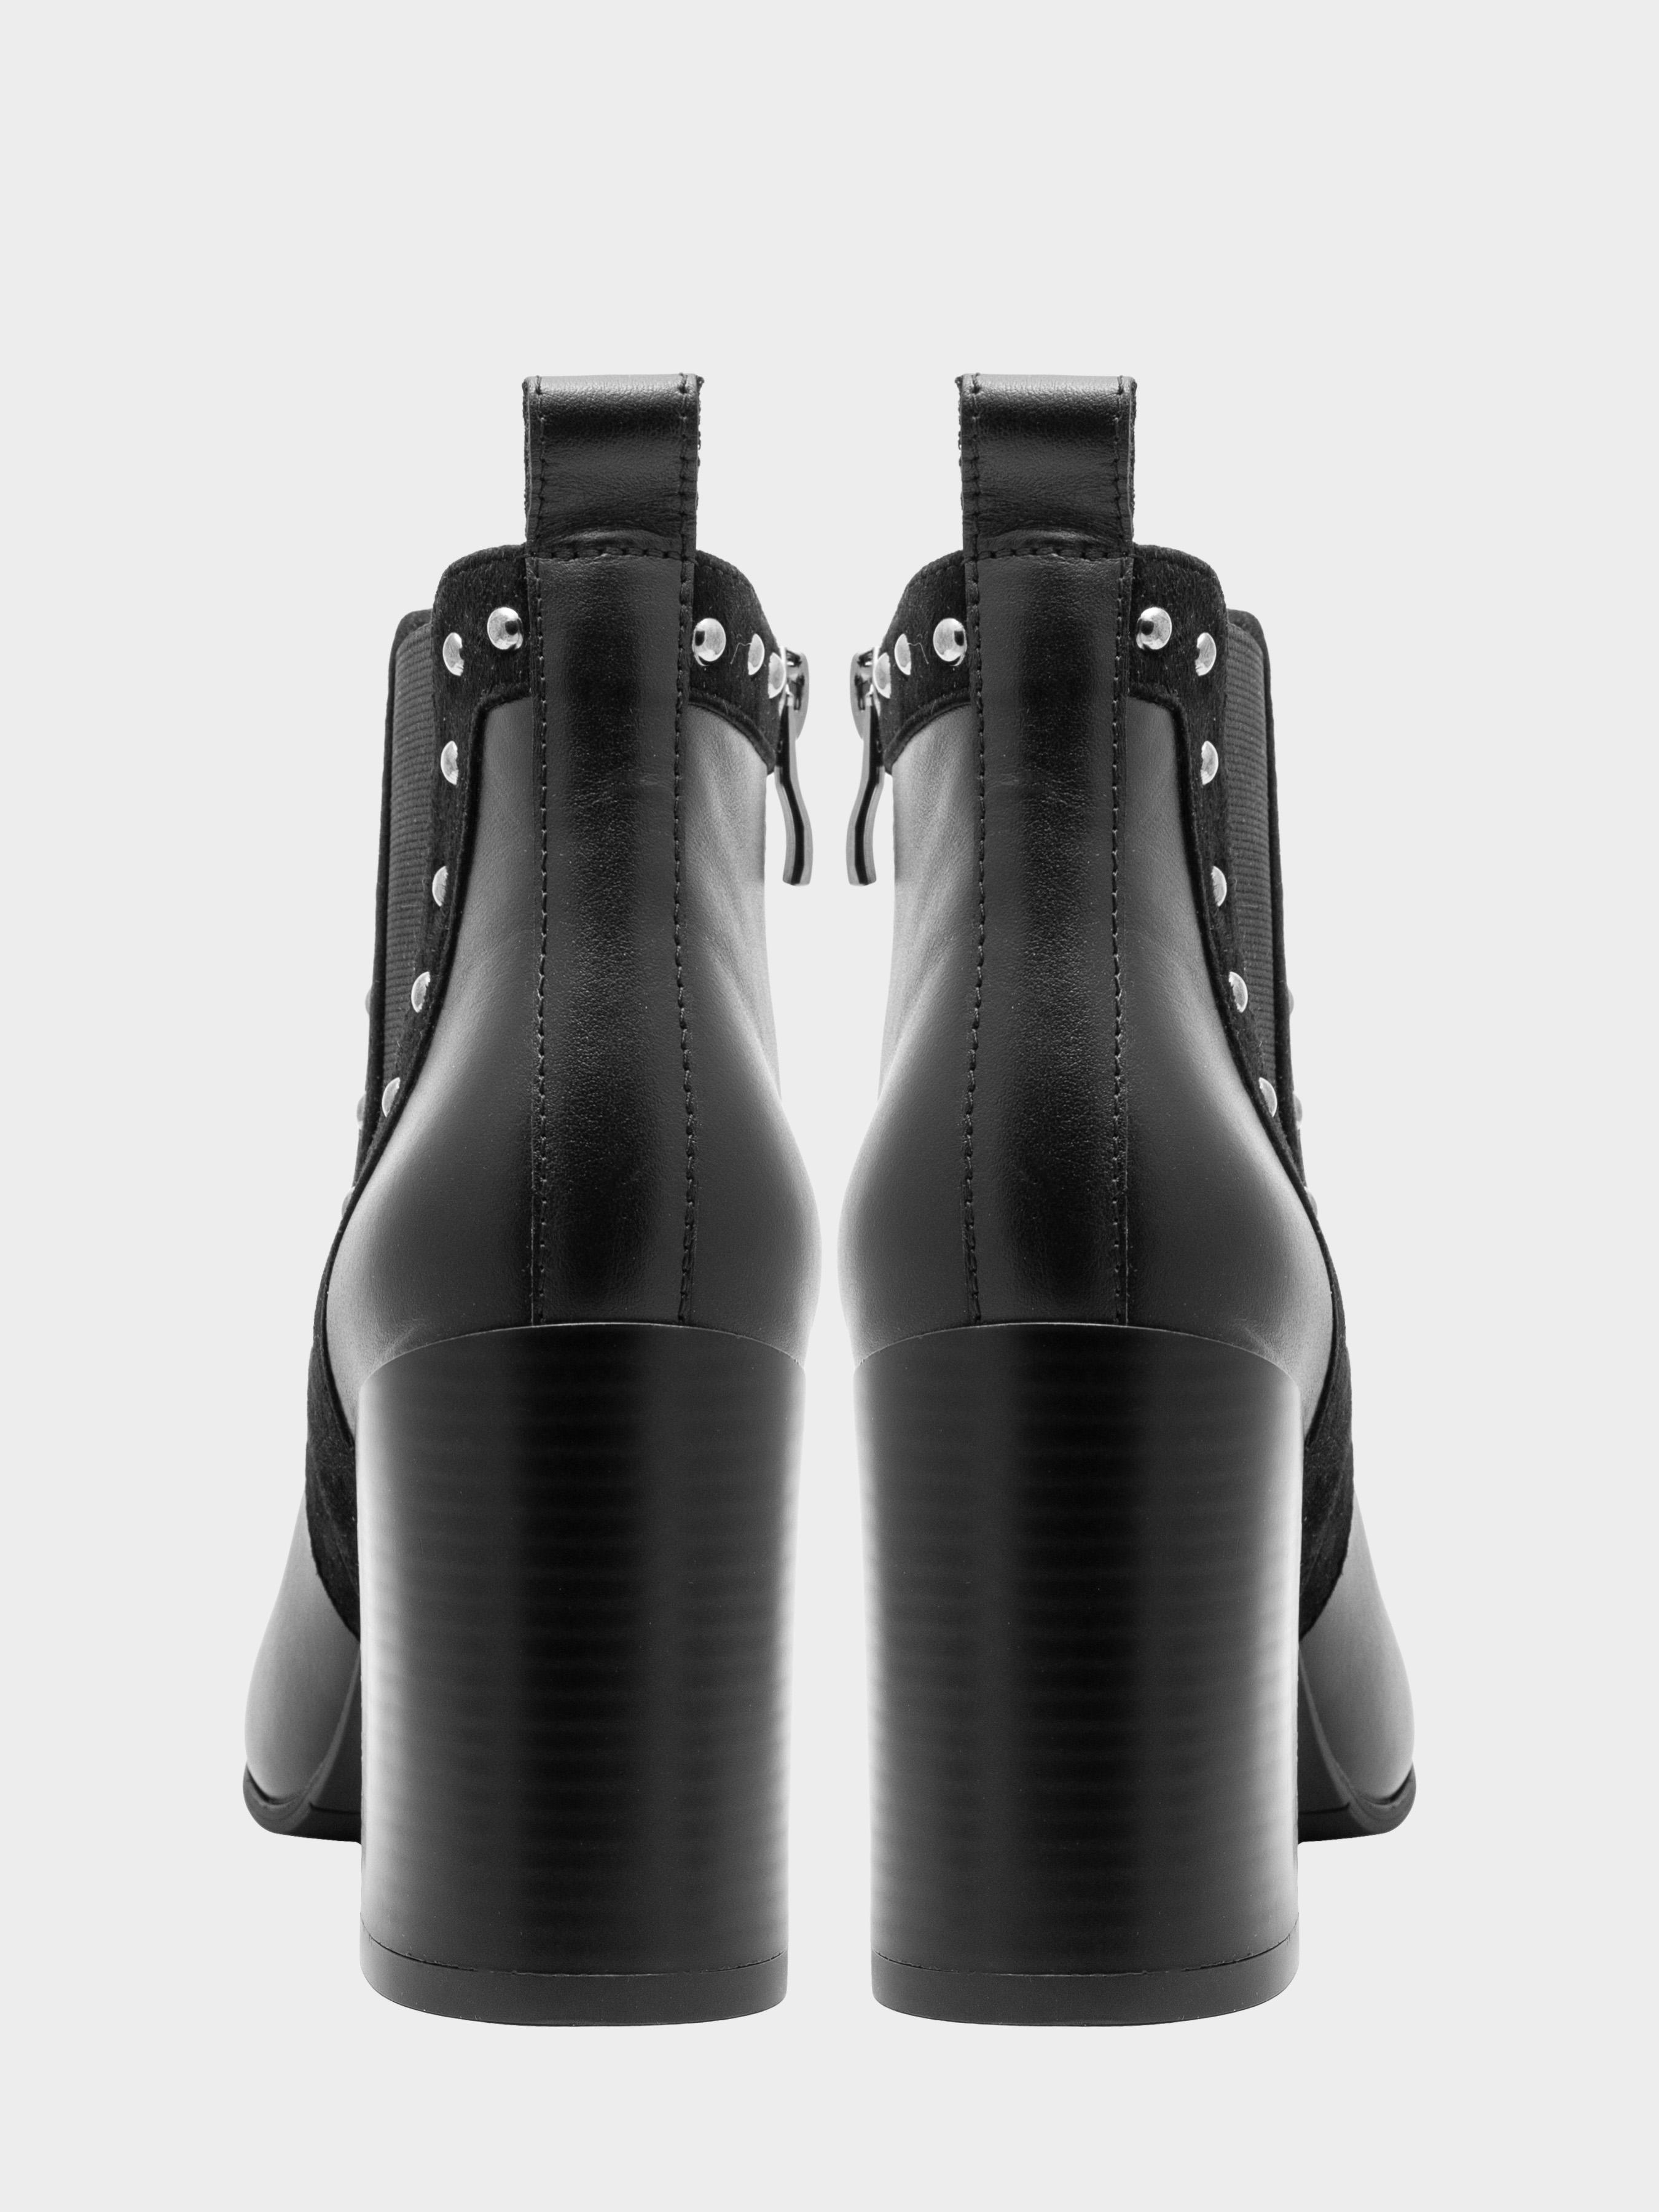 Ботинки для женщин Ботинки женские ENZO VERRATTI 18-9588-2l купить в Интертоп, 2017